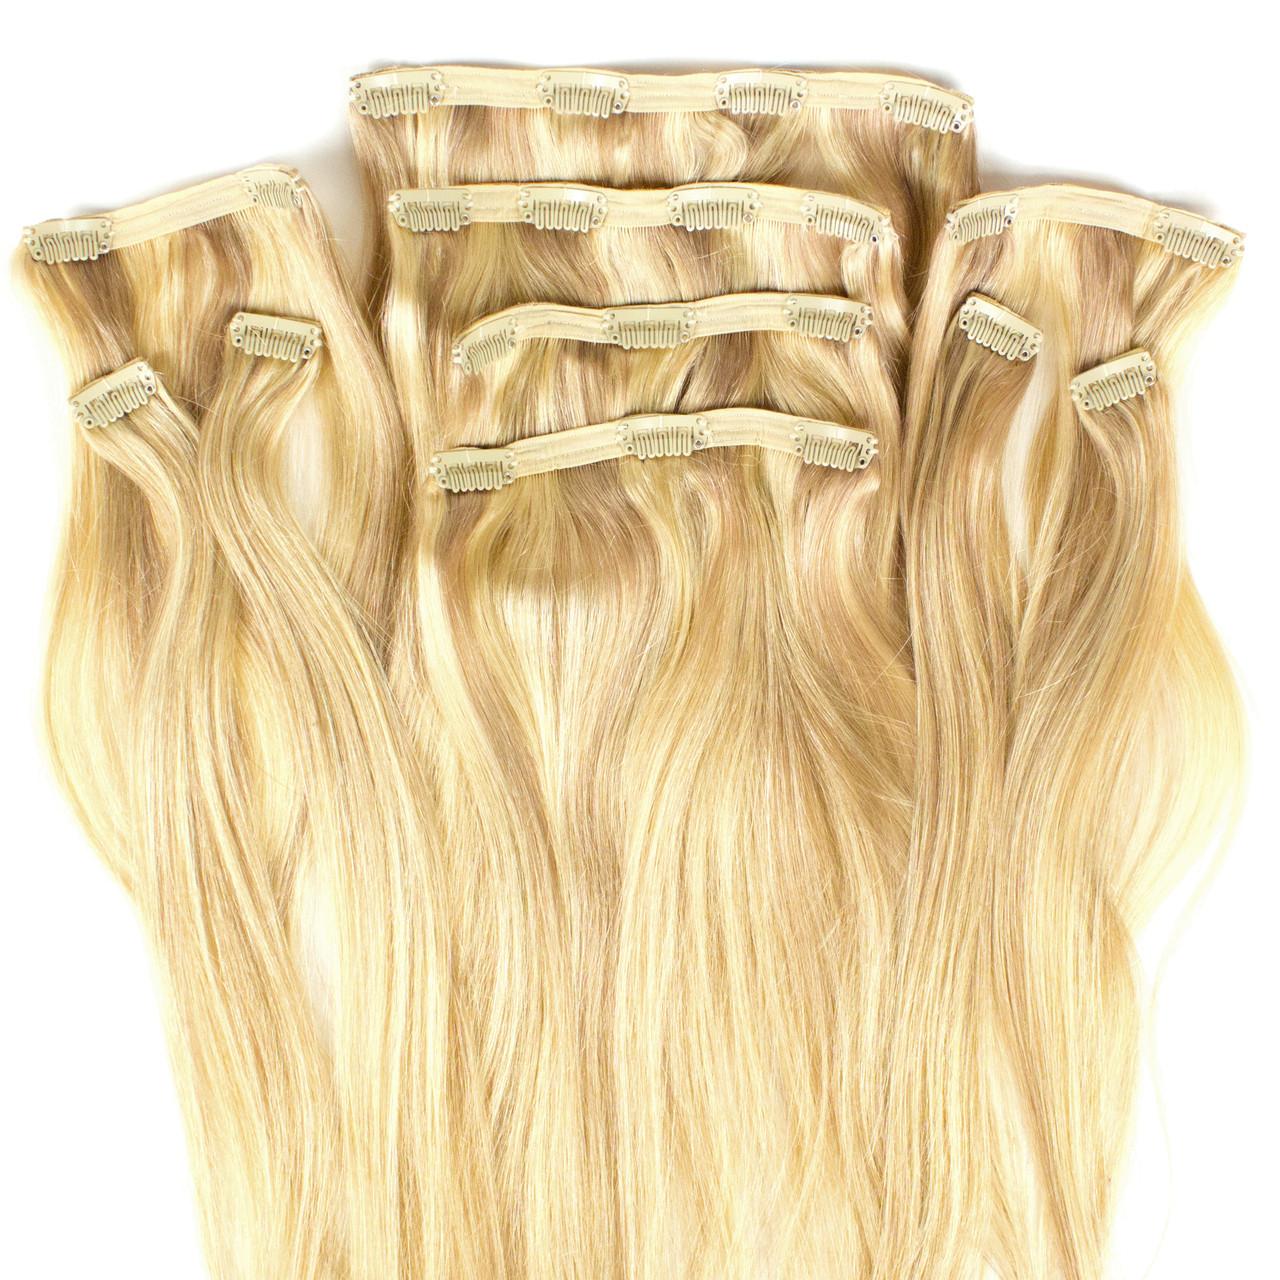 Набор натуральных волос на клипсах 50 см 150 грамм Beauties Factory оттенок 18-613 Мелирование Блонд